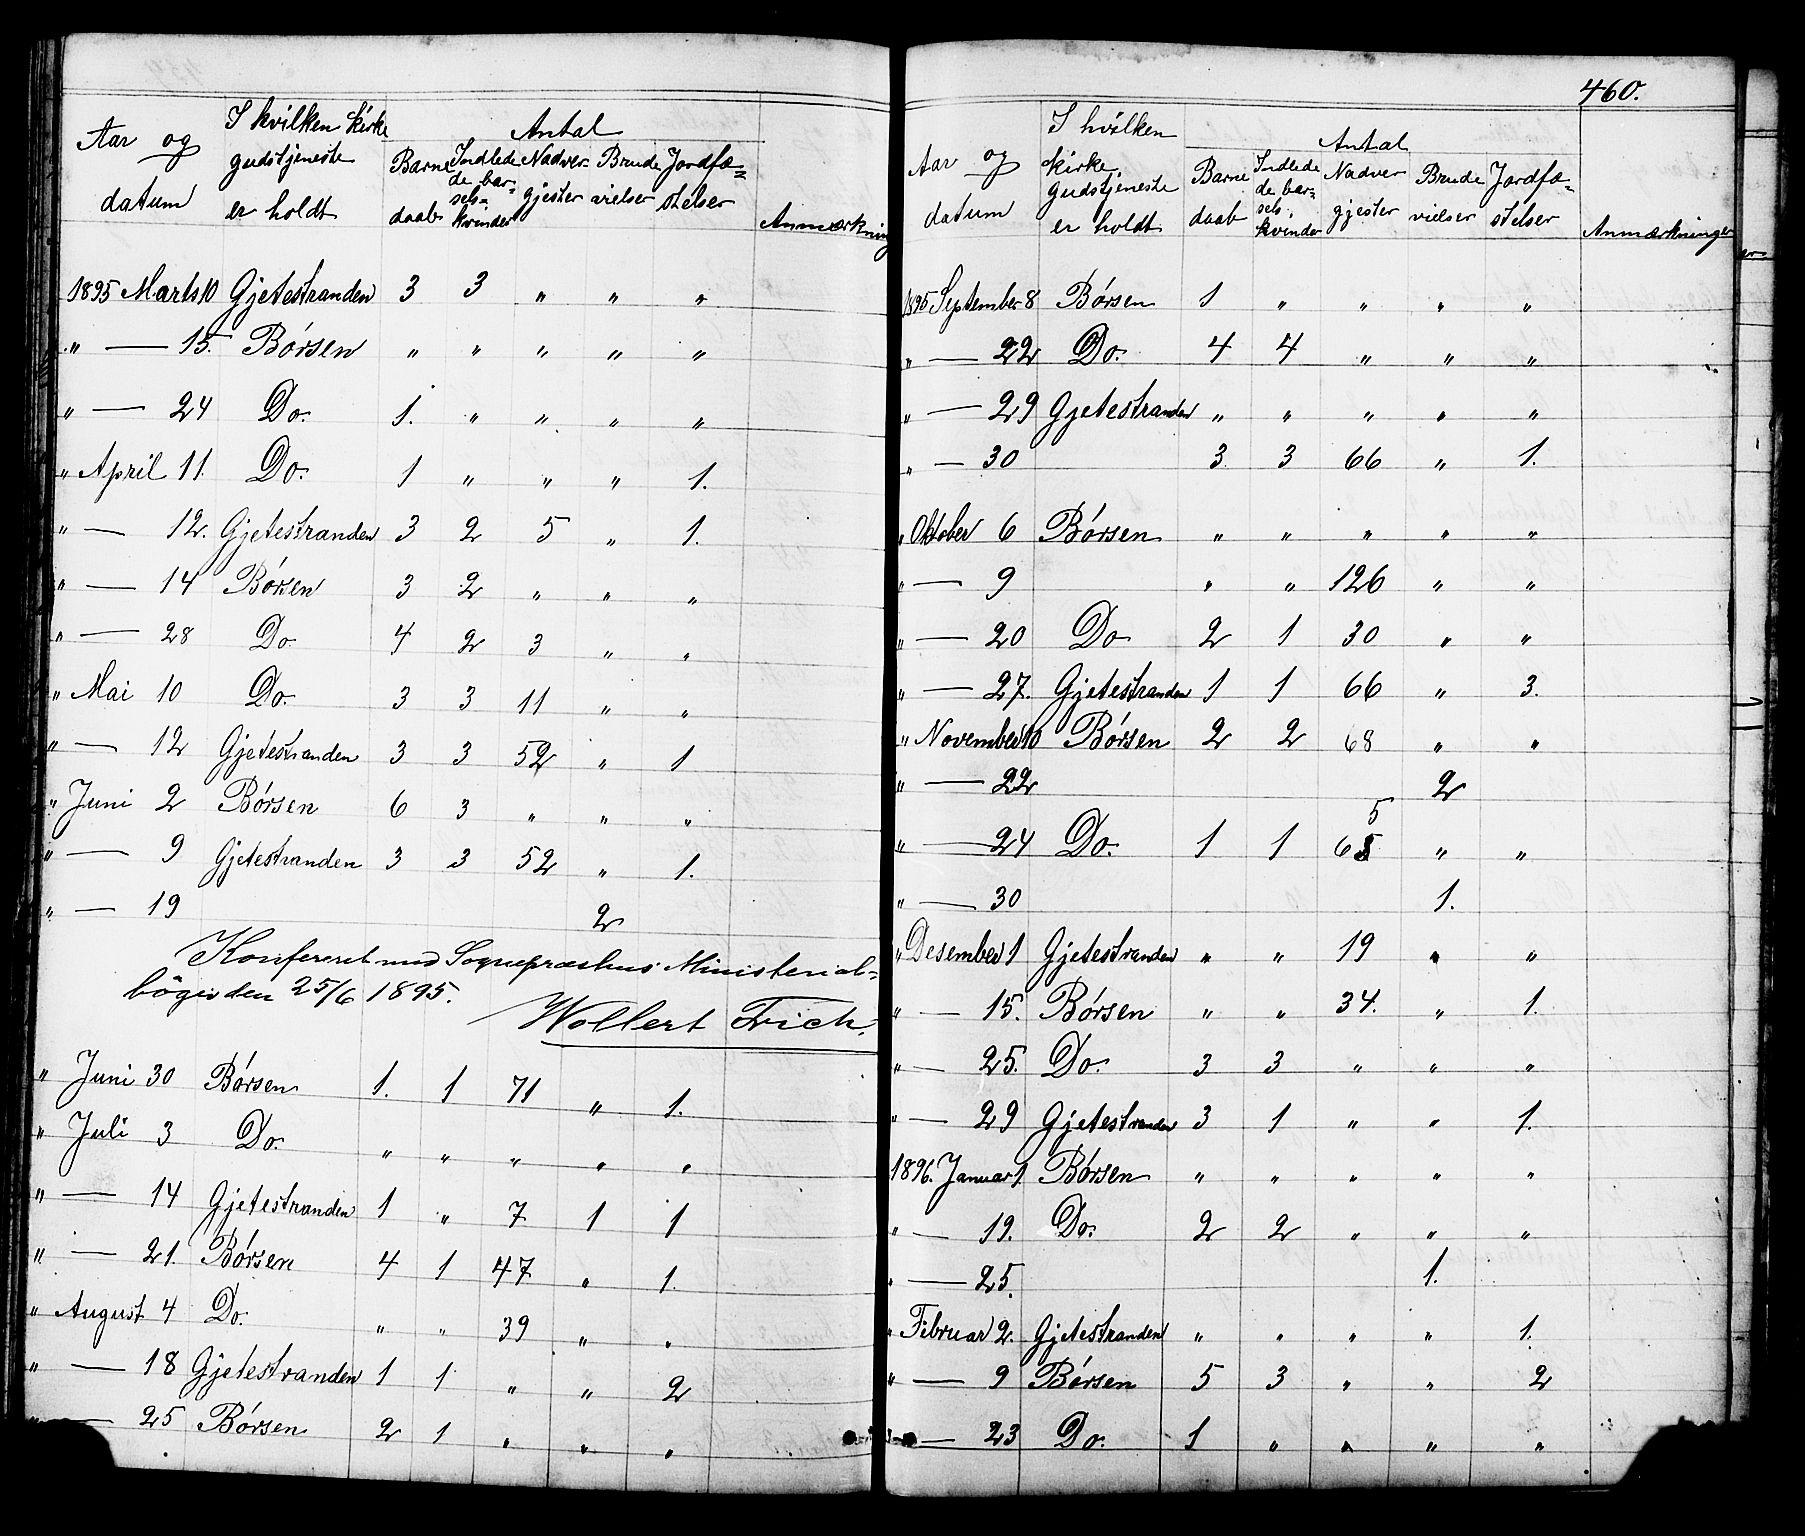 SAT, Ministerialprotokoller, klokkerbøker og fødselsregistre - Sør-Trøndelag, 665/L0777: Klokkerbok nr. 665C02, 1867-1915, s. 460